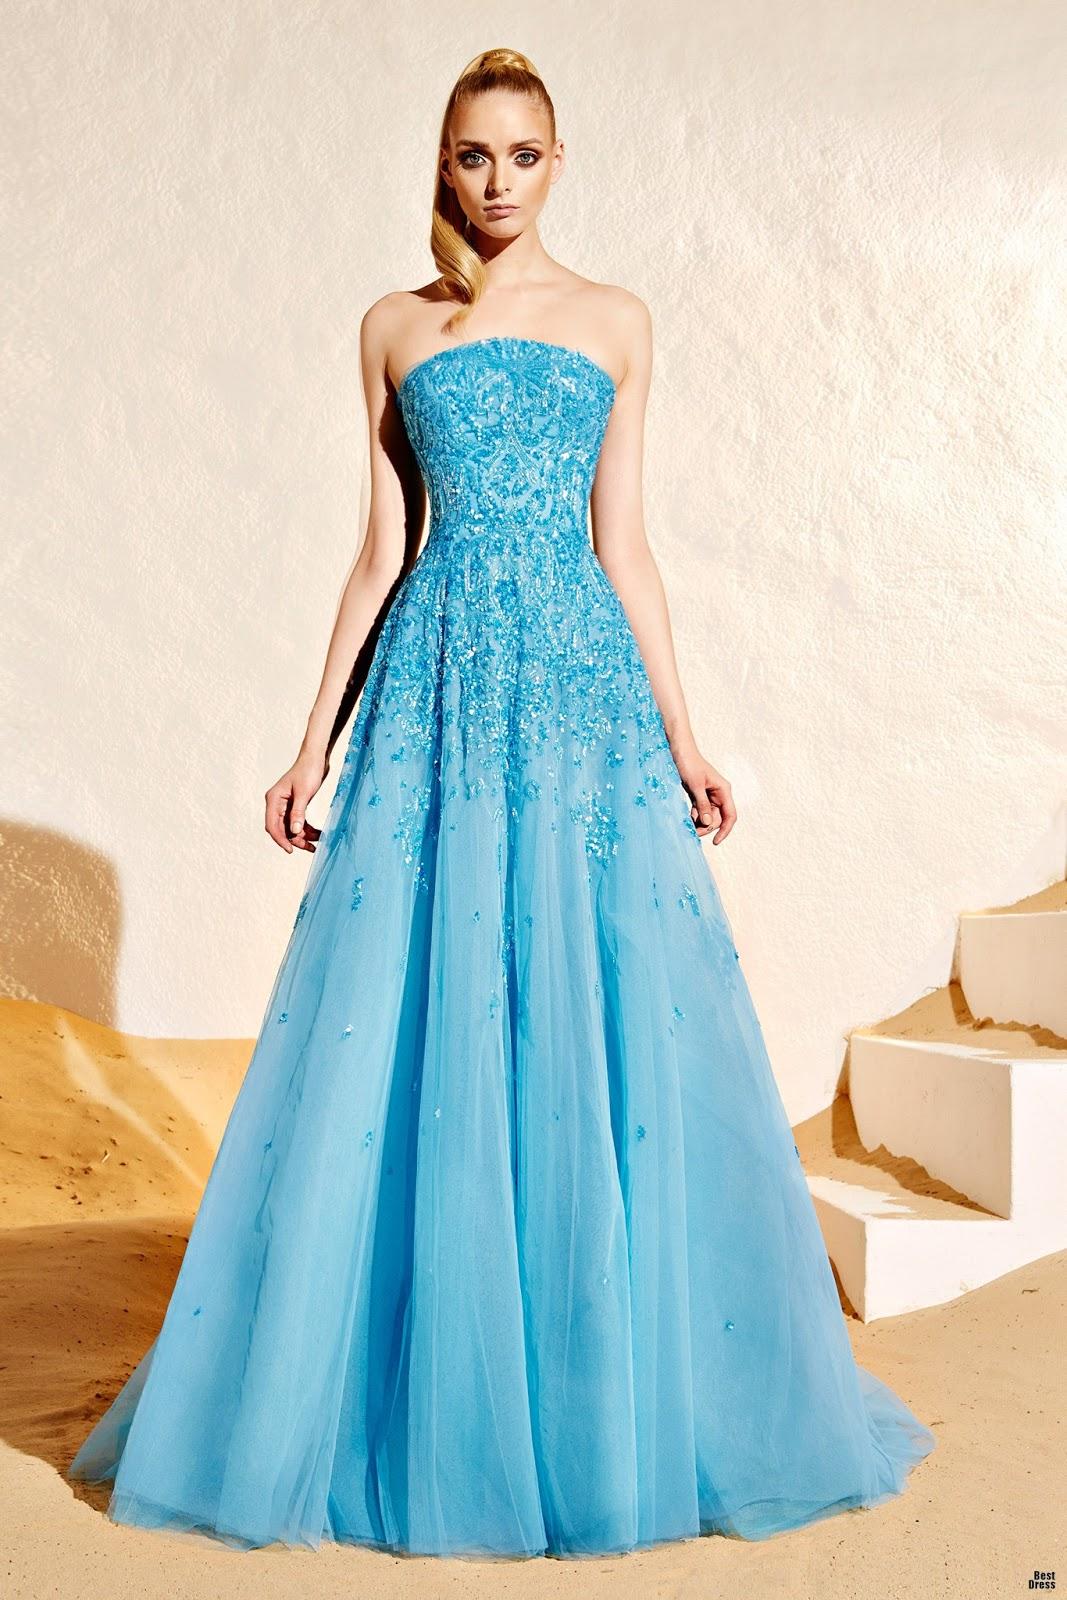 Modernos vestidos de moda | Colección vestidos Zuhair Murad 2015 ...